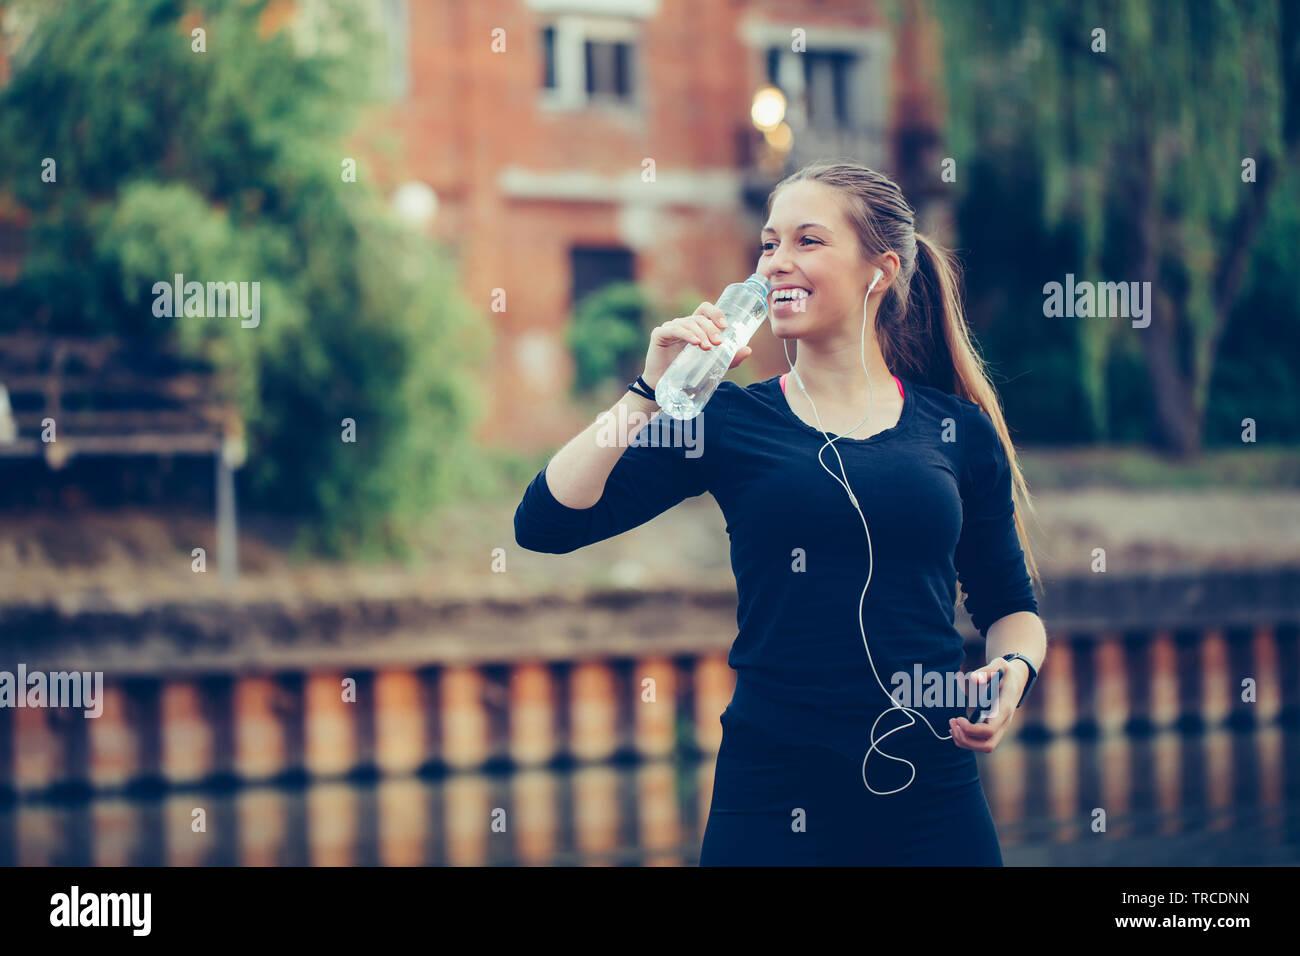 Coureuse debout près de la rivière tenant une bouteille d'eau. Femme de remise en forme en faisant une pause après l'exécution de l'entraînement. Banque D'Images